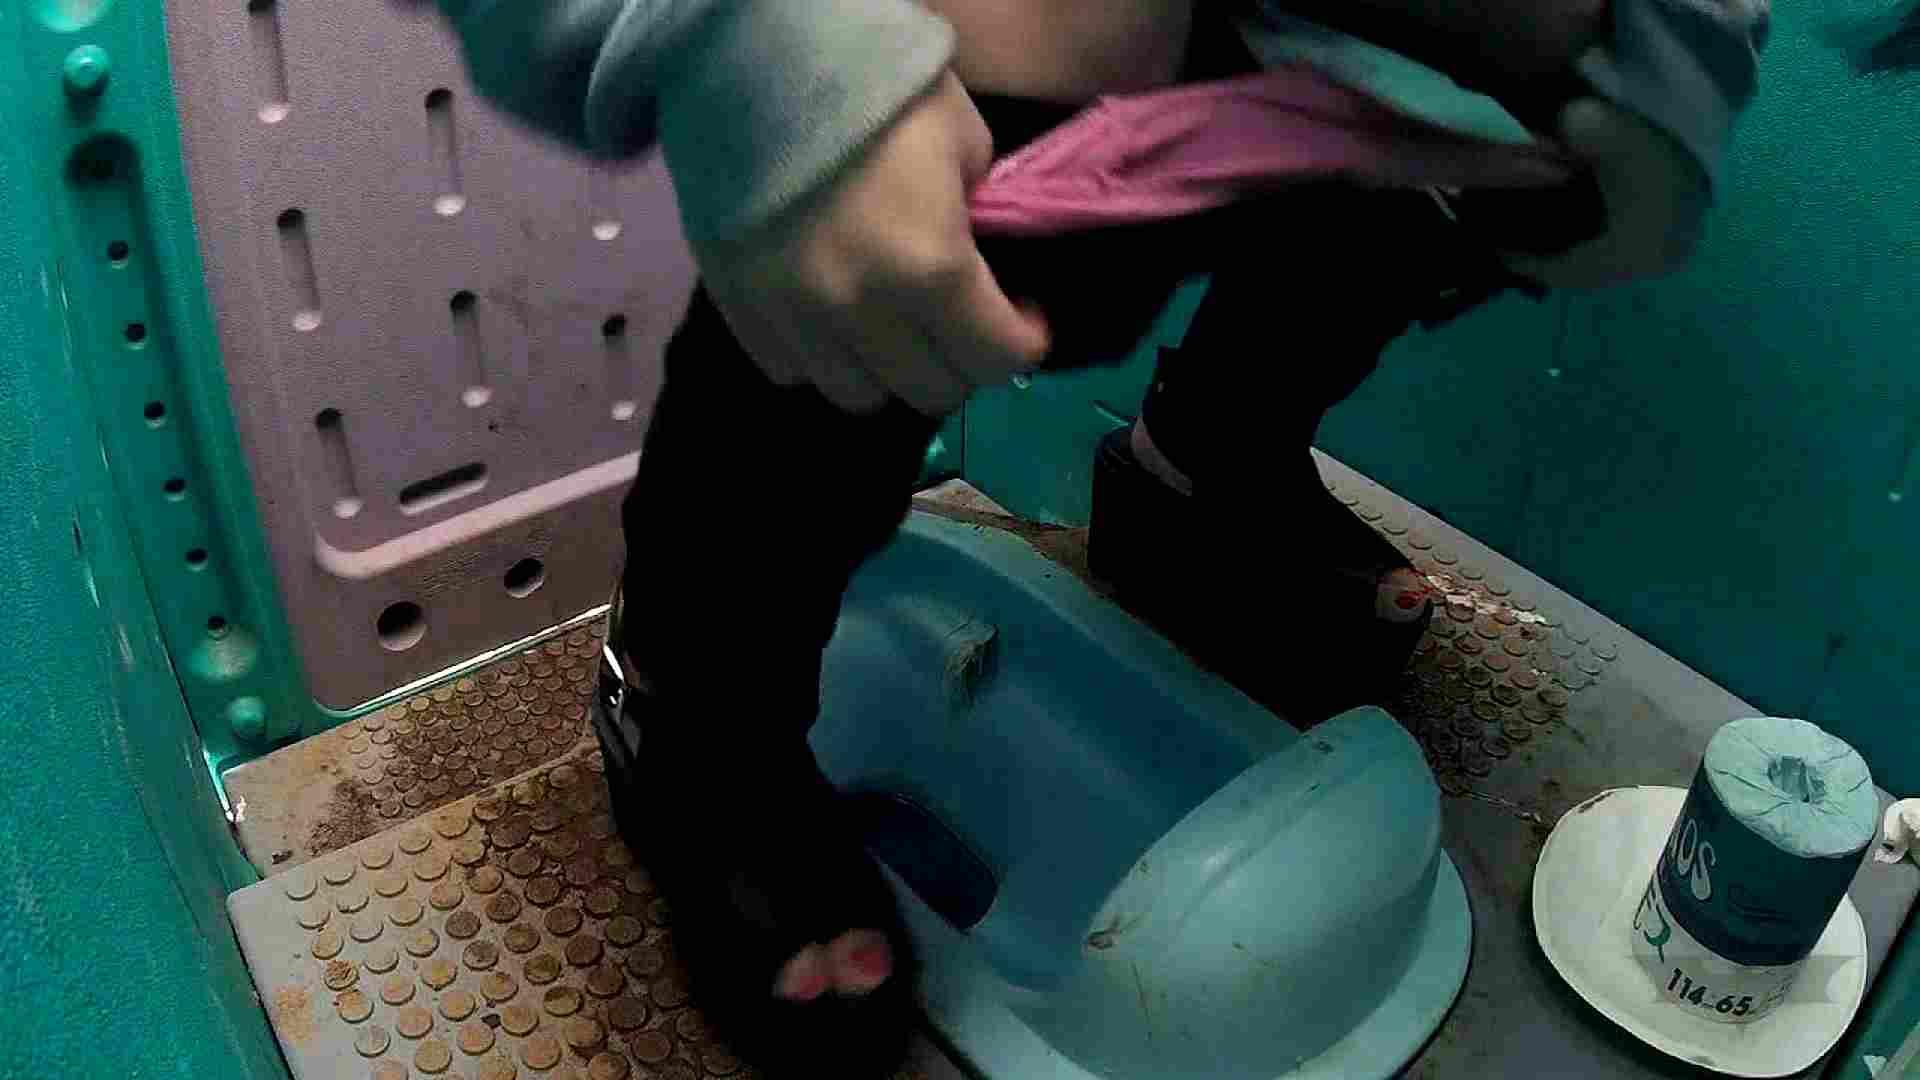 痴態洗面所 Vol.06 中が「マジヤバいヨネ!」洗面所 OLのボディ | 洗面所  49PIX 1